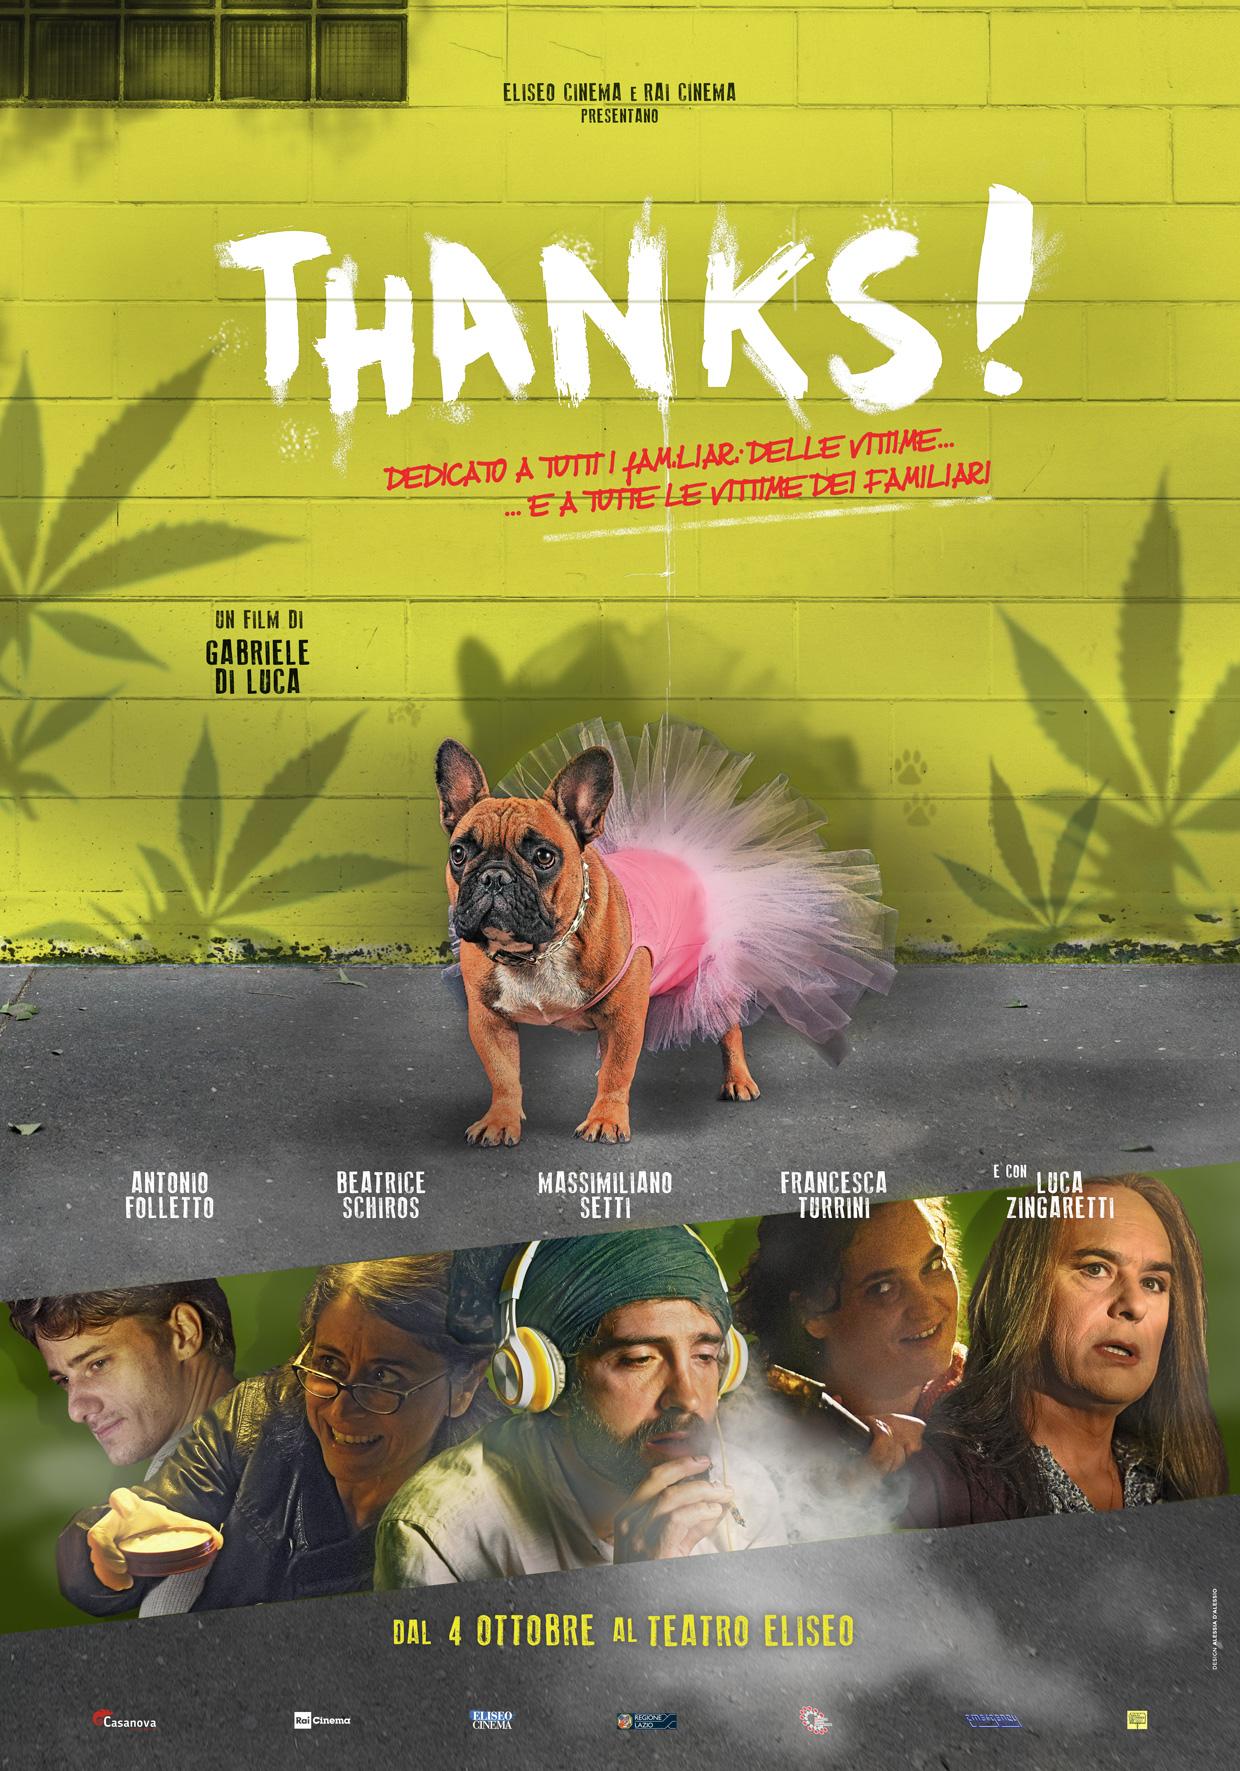 """""""Thanks!"""" il film di Gabriele Di Luca con Beatrice Schiros e Massimiliano Setti dal 4 ottobre in sala"""